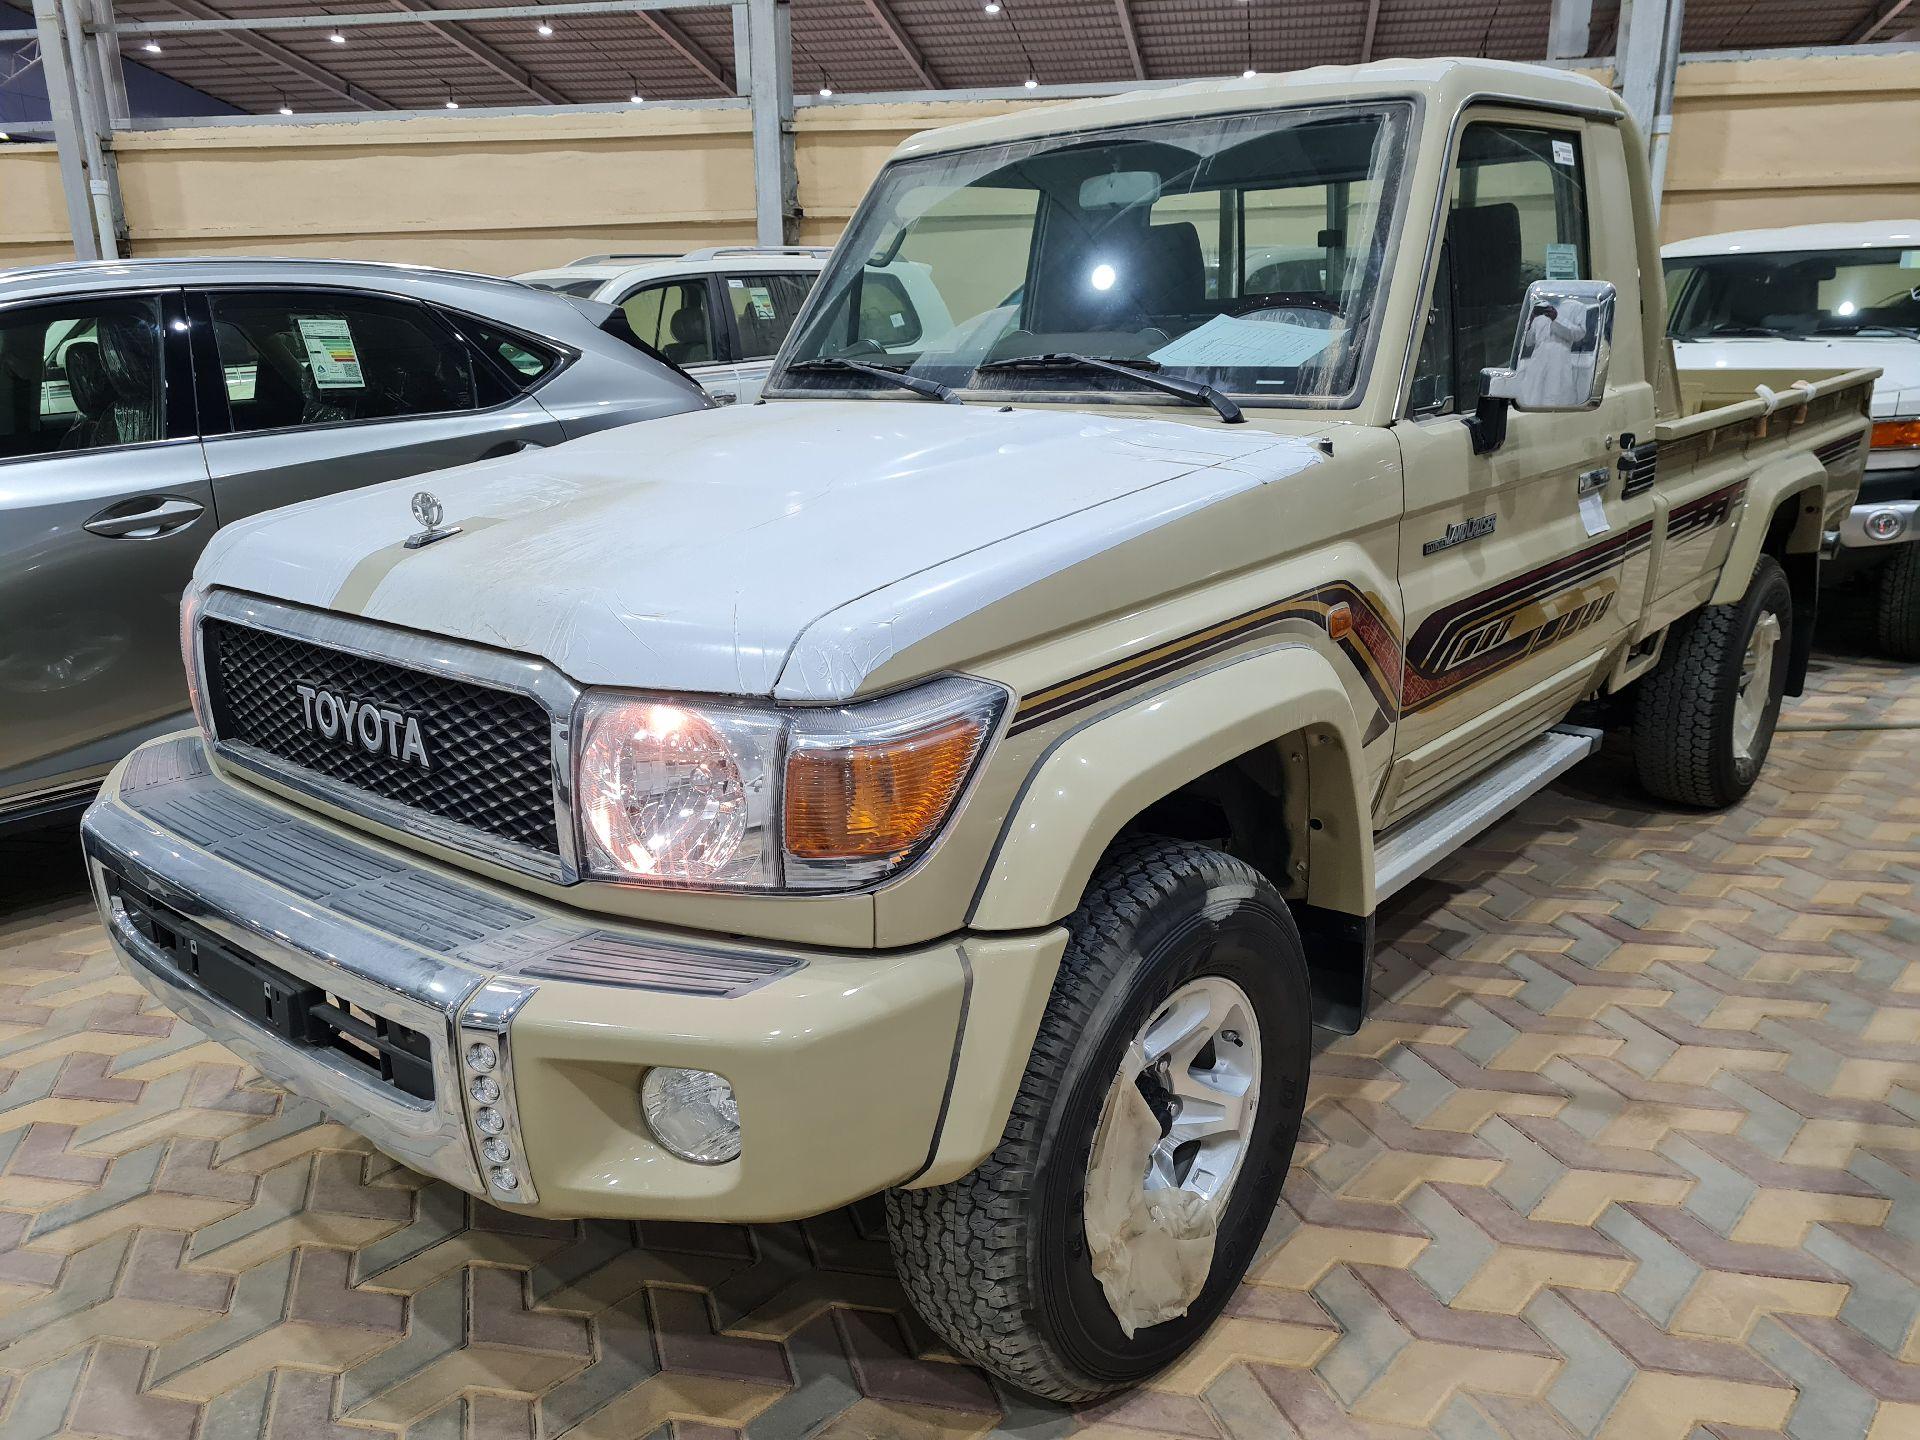 تويوتا شاص LX  دبل 2020 غمارة عماني جديد للبيع في الرياض - السعودية - صورة كبيرة - 1